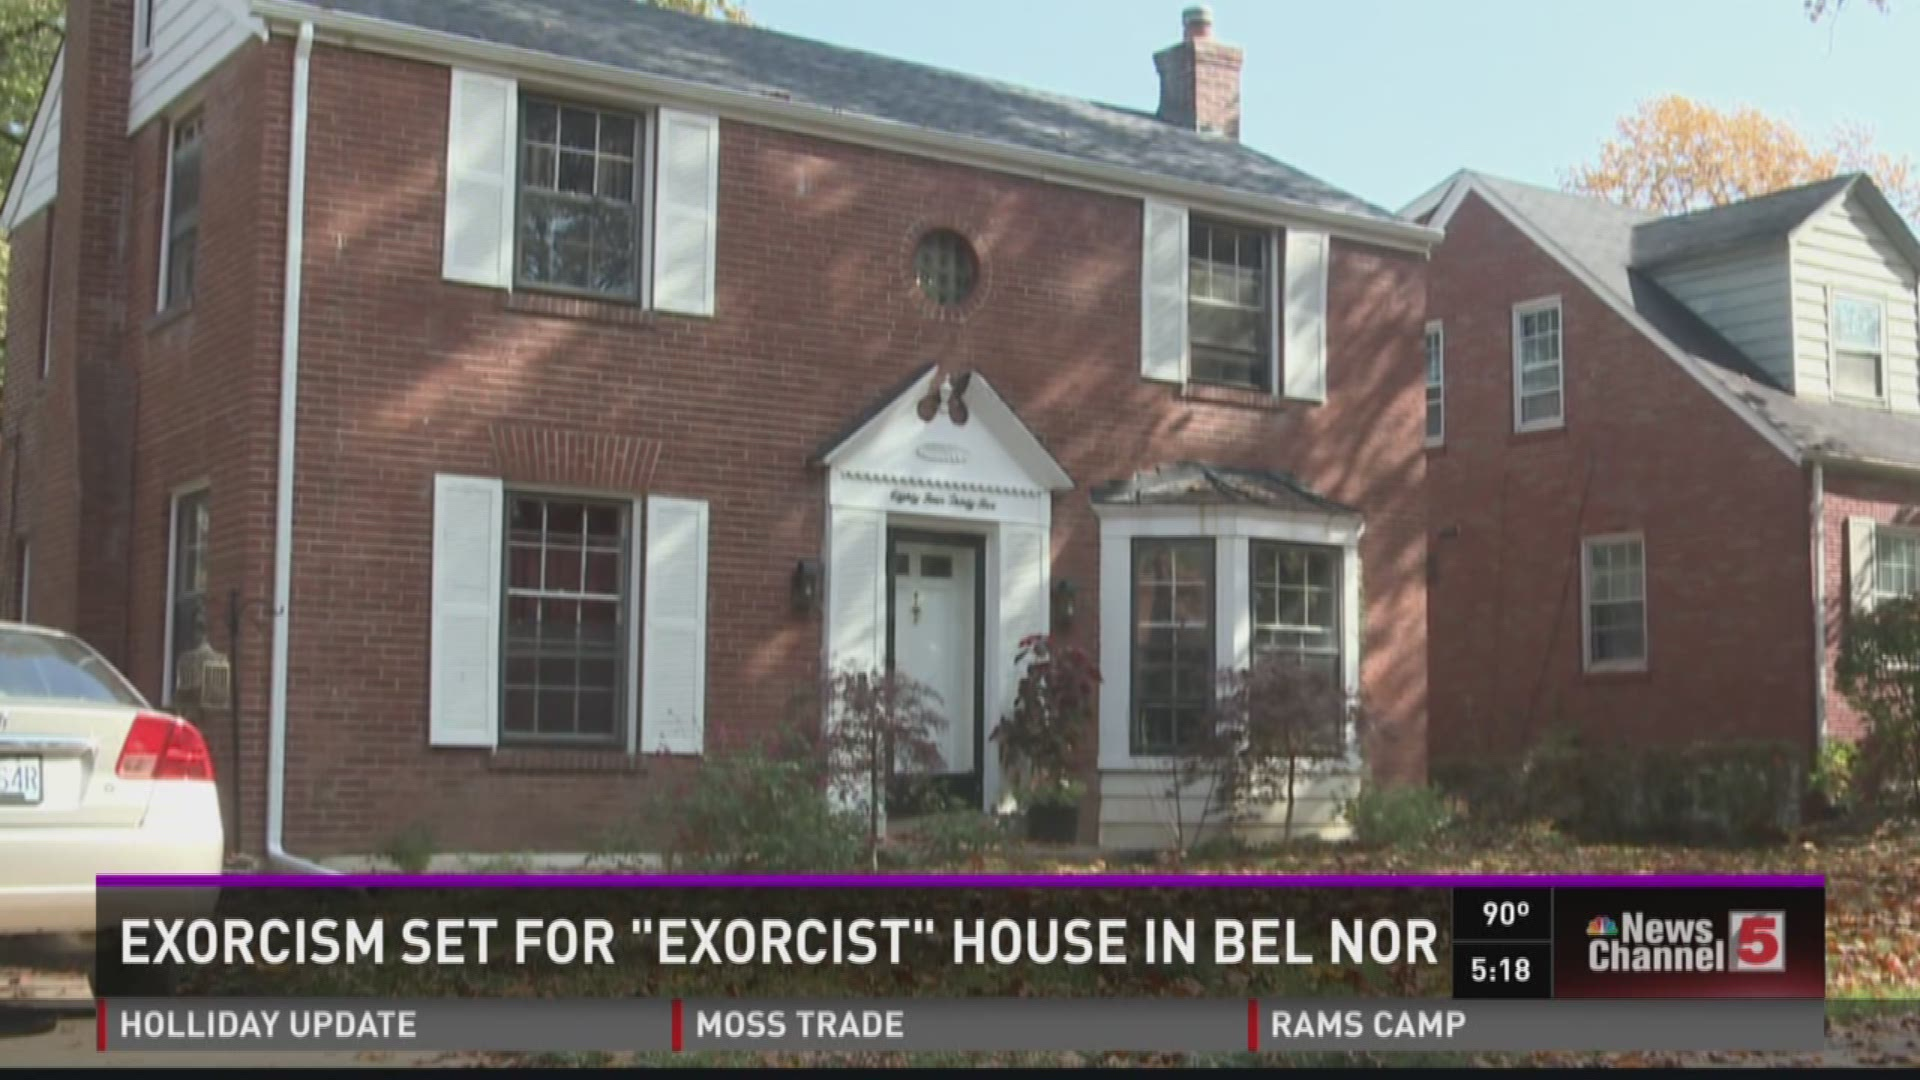 Exorcism set for